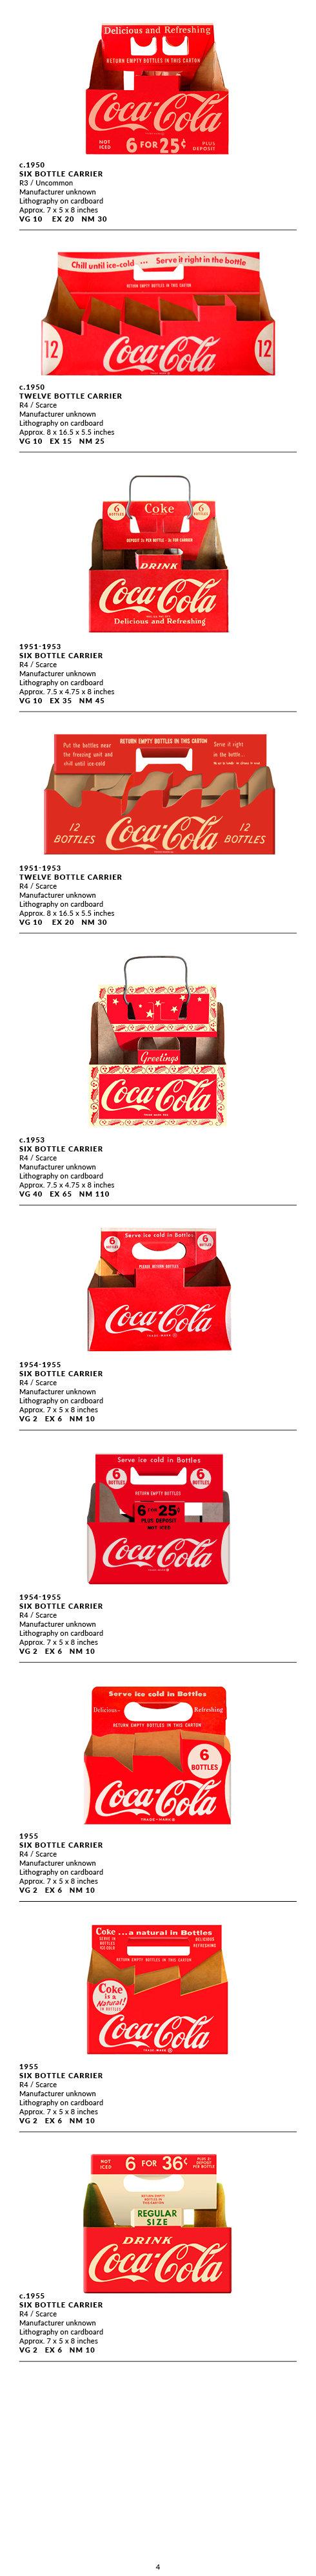 Cardboard Carriers4.jpg